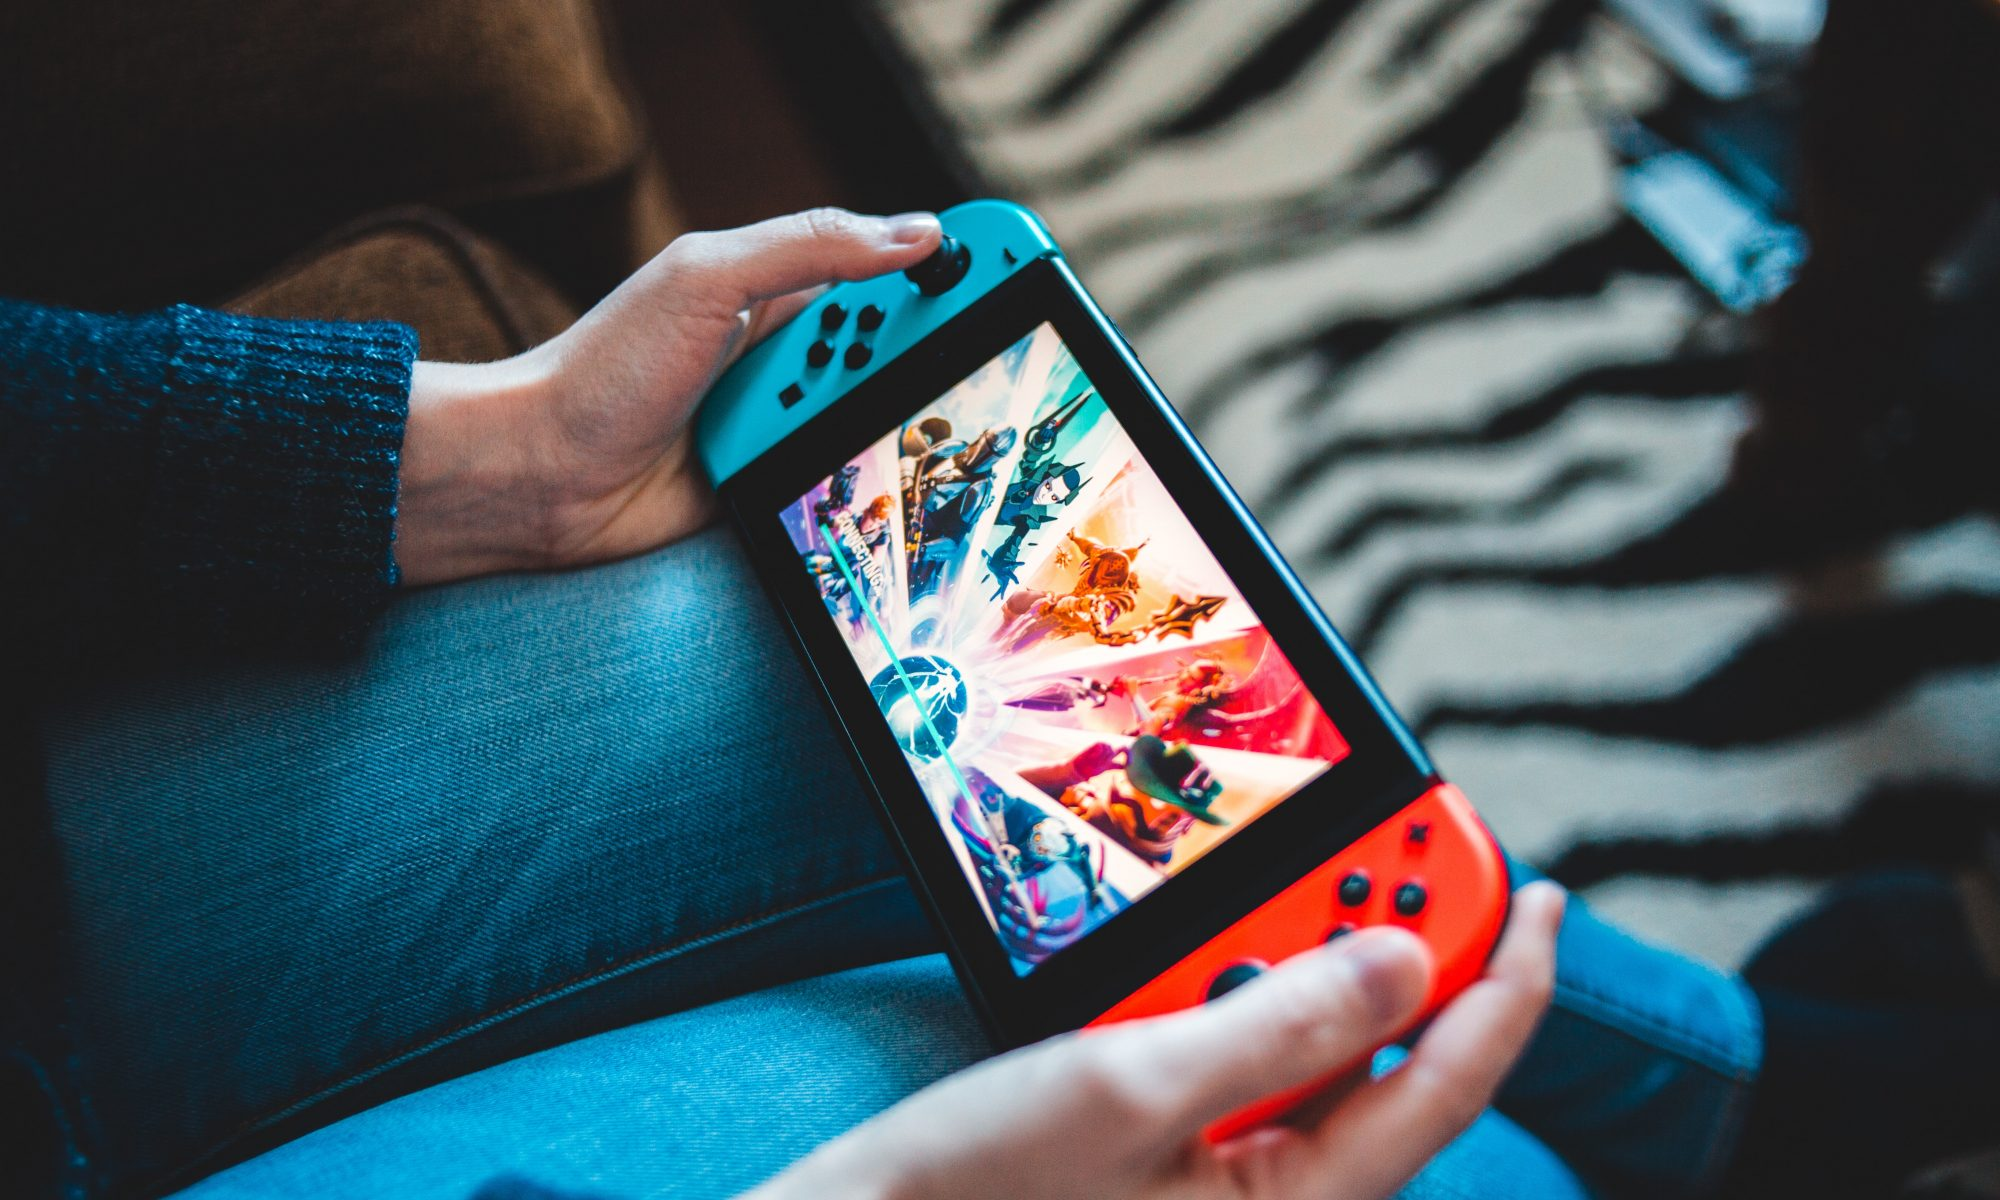 Oye, oye, la Nintendo Switch Pro aparece en Amazon: ¿signo de un anuncio inminente?